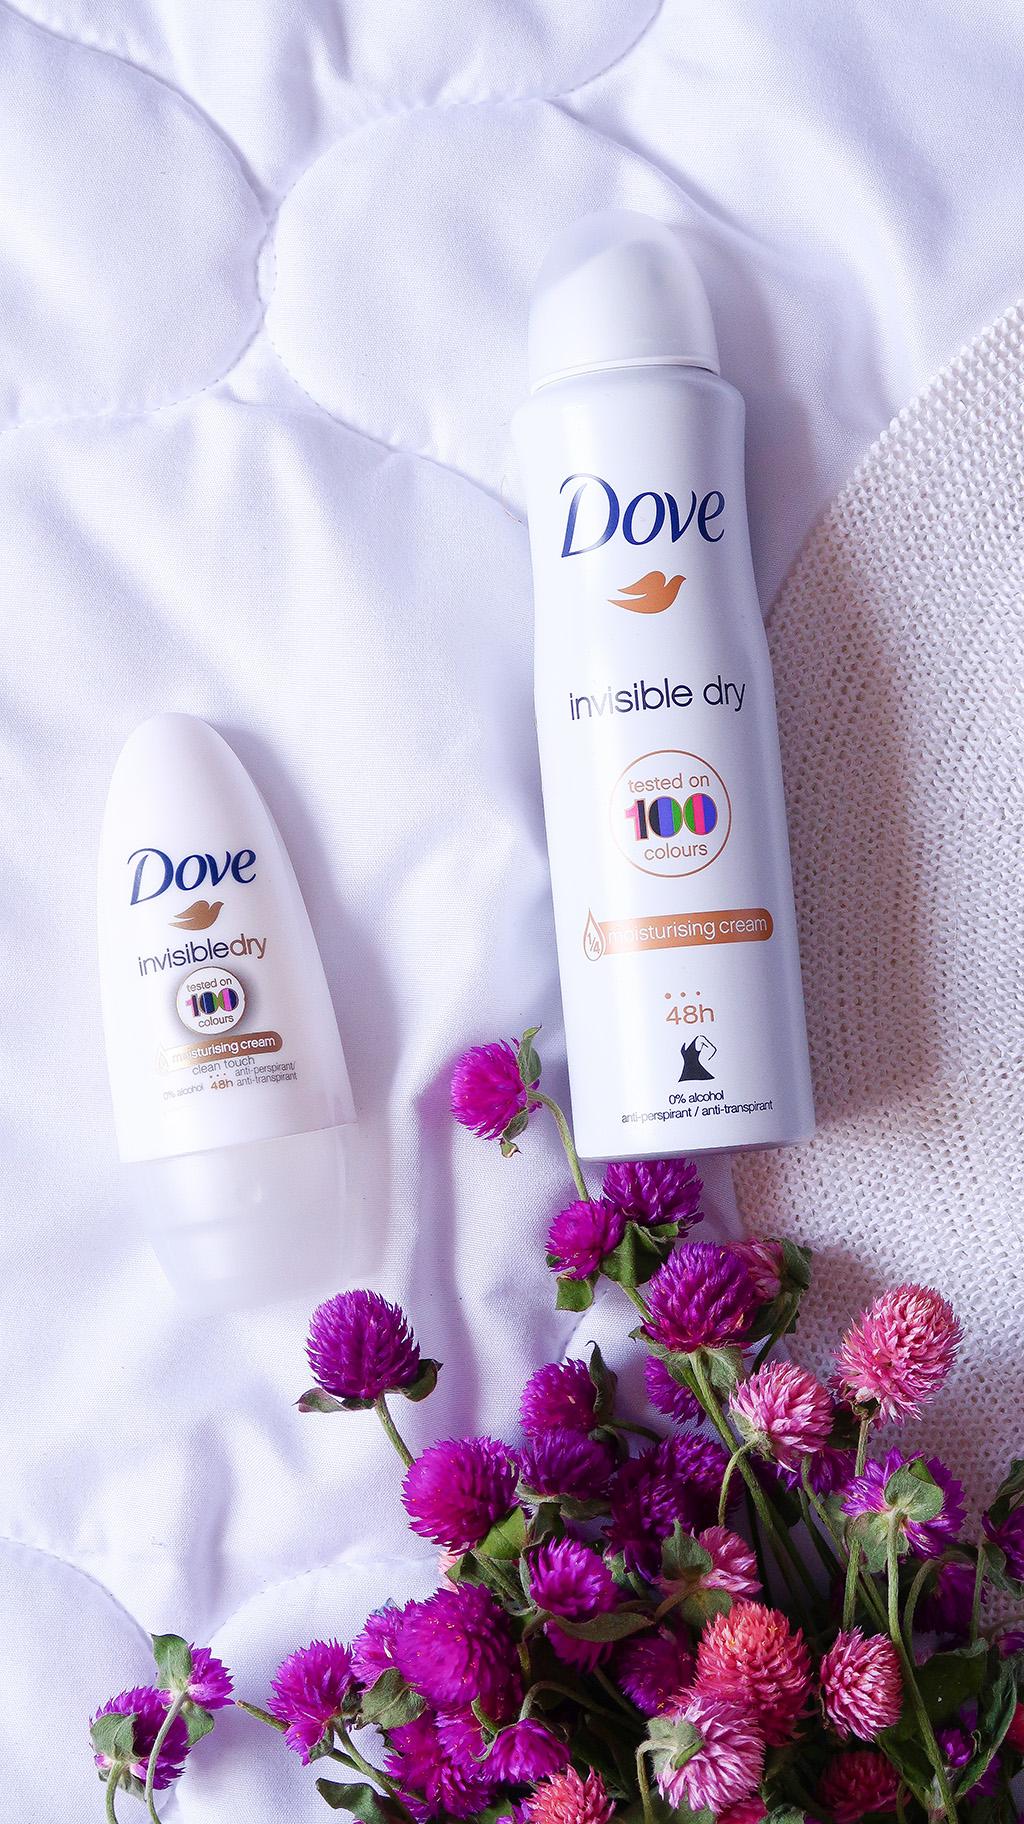 comanda pentru corpul tau dove deodorant rollon sensodyne masca par pielor farmasi gel intim